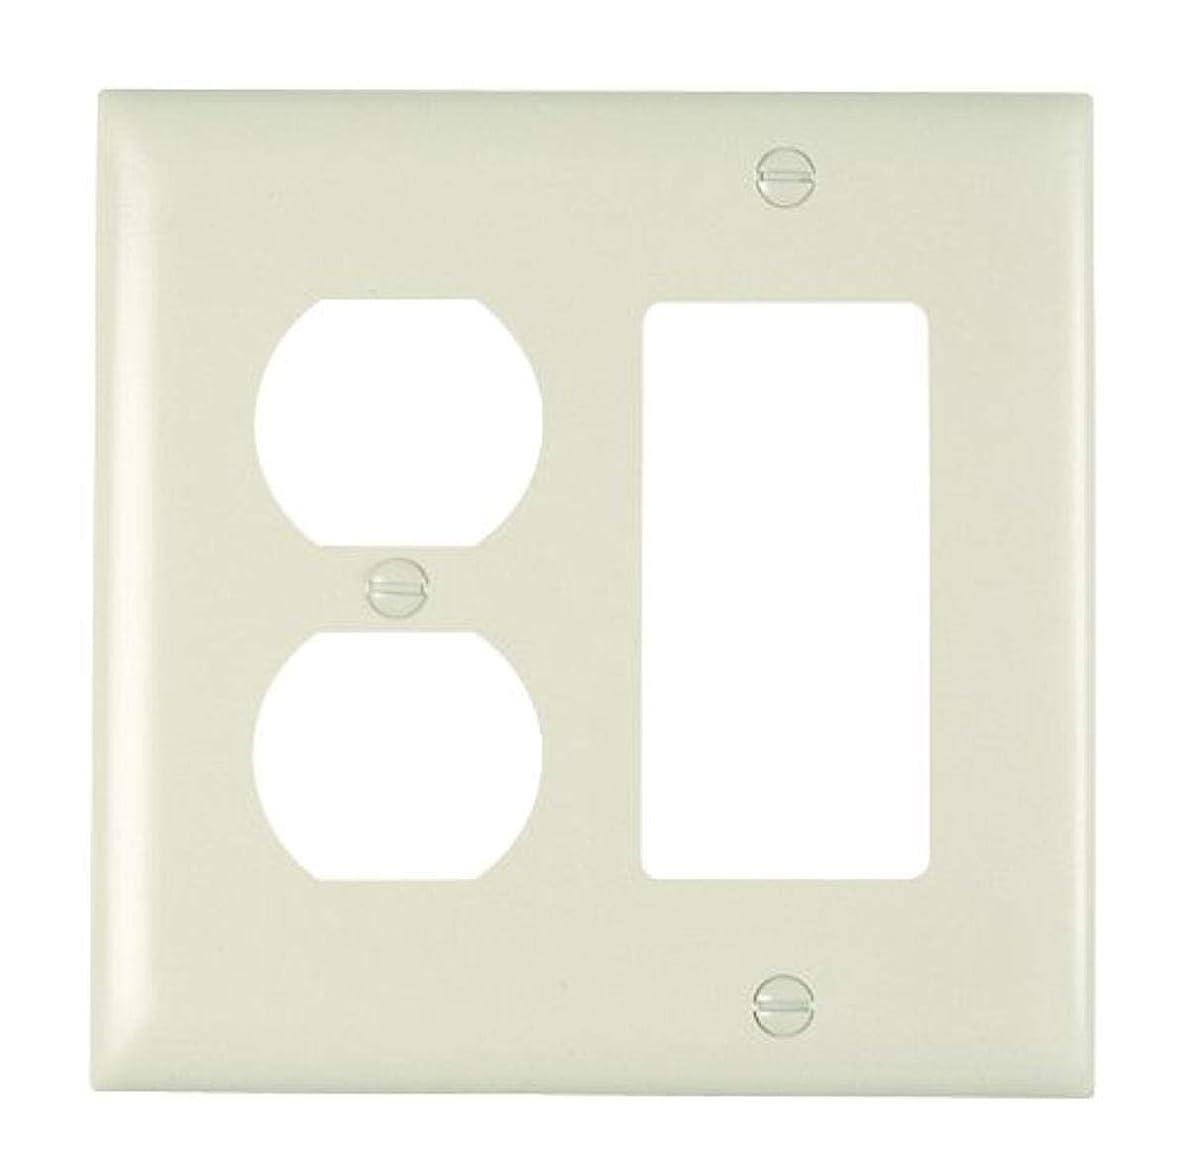 雇用拒絶制限する(Two Gang / 1-Pack, Duplex and Decorator, Light Almond) - Pass & Seymour TP826LACC12 Trade Master Nylon Wall Plate with On...